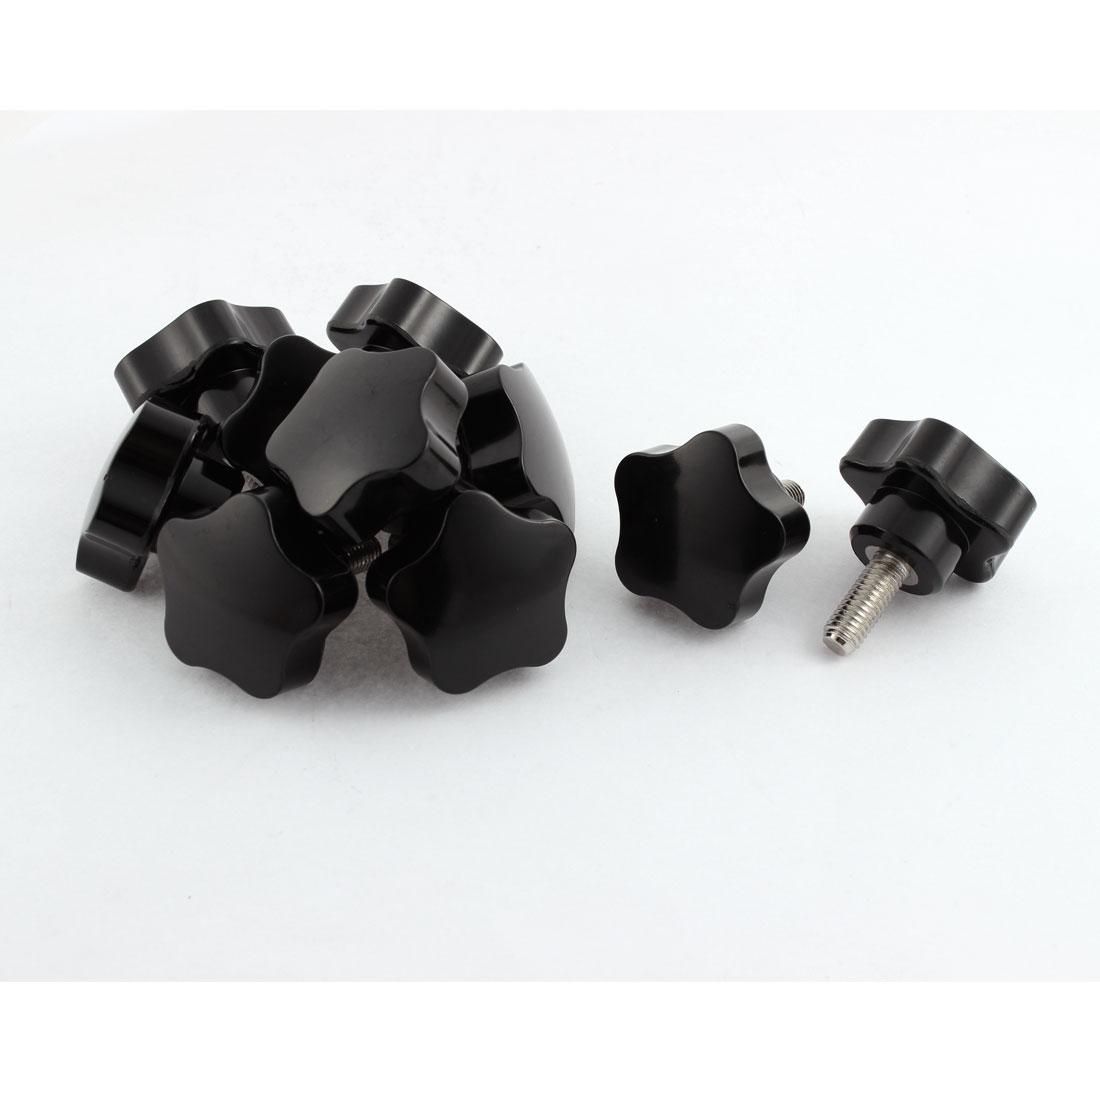 10pcs 40mm Plastic Star Head M8x20mm Male Thread Screw on Clamping Knob Grips